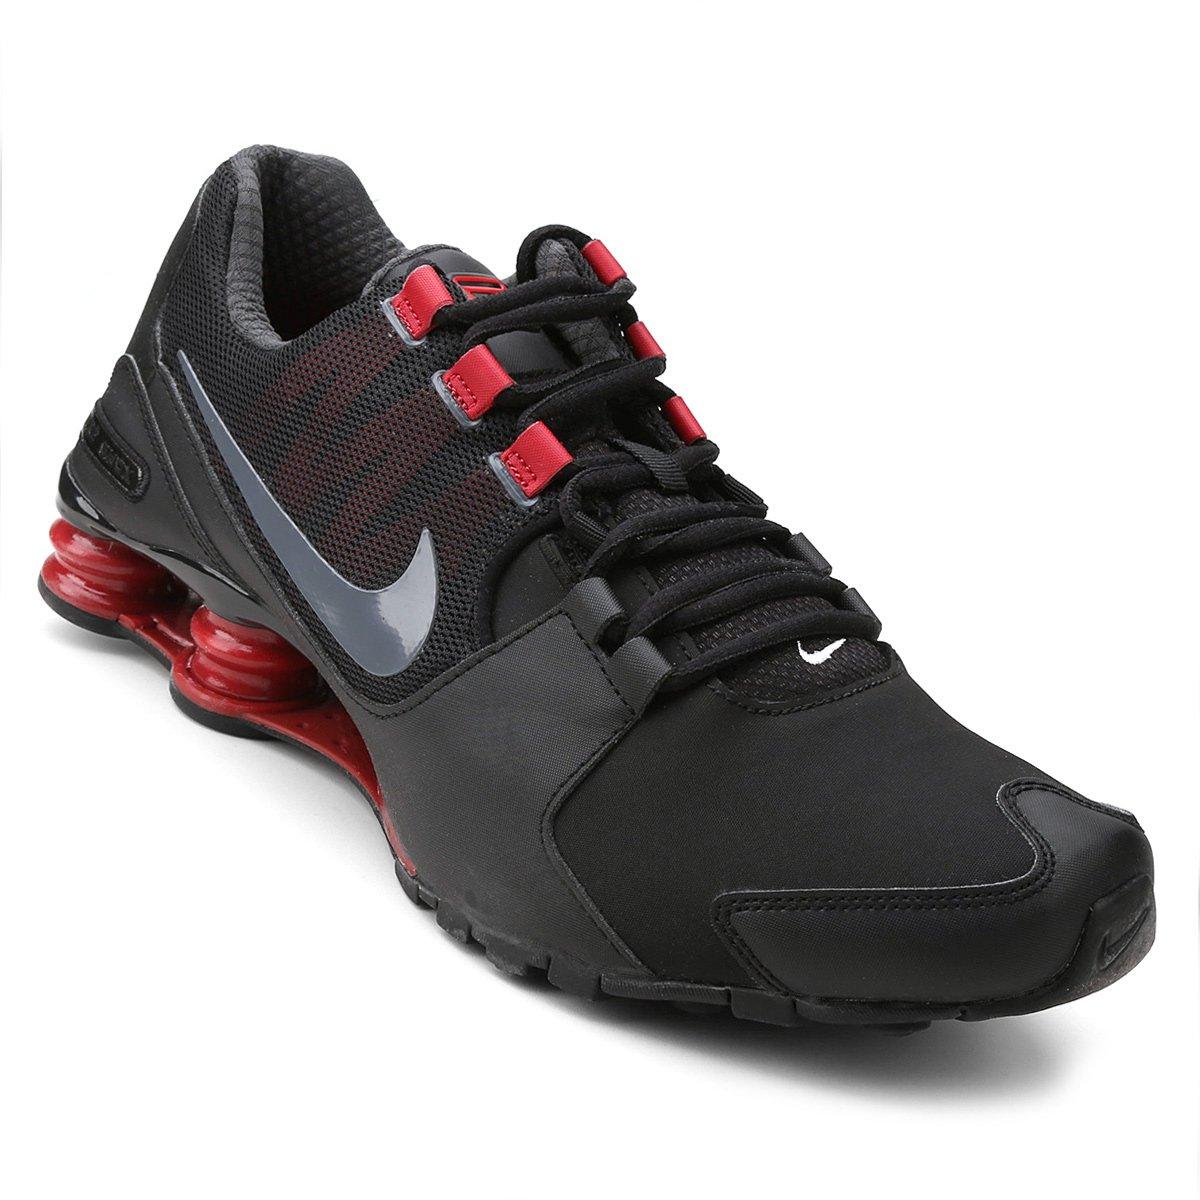 f8af71202e7 Tênis Couro Nike Shox Avenue LTR Masculino - Compre Agora